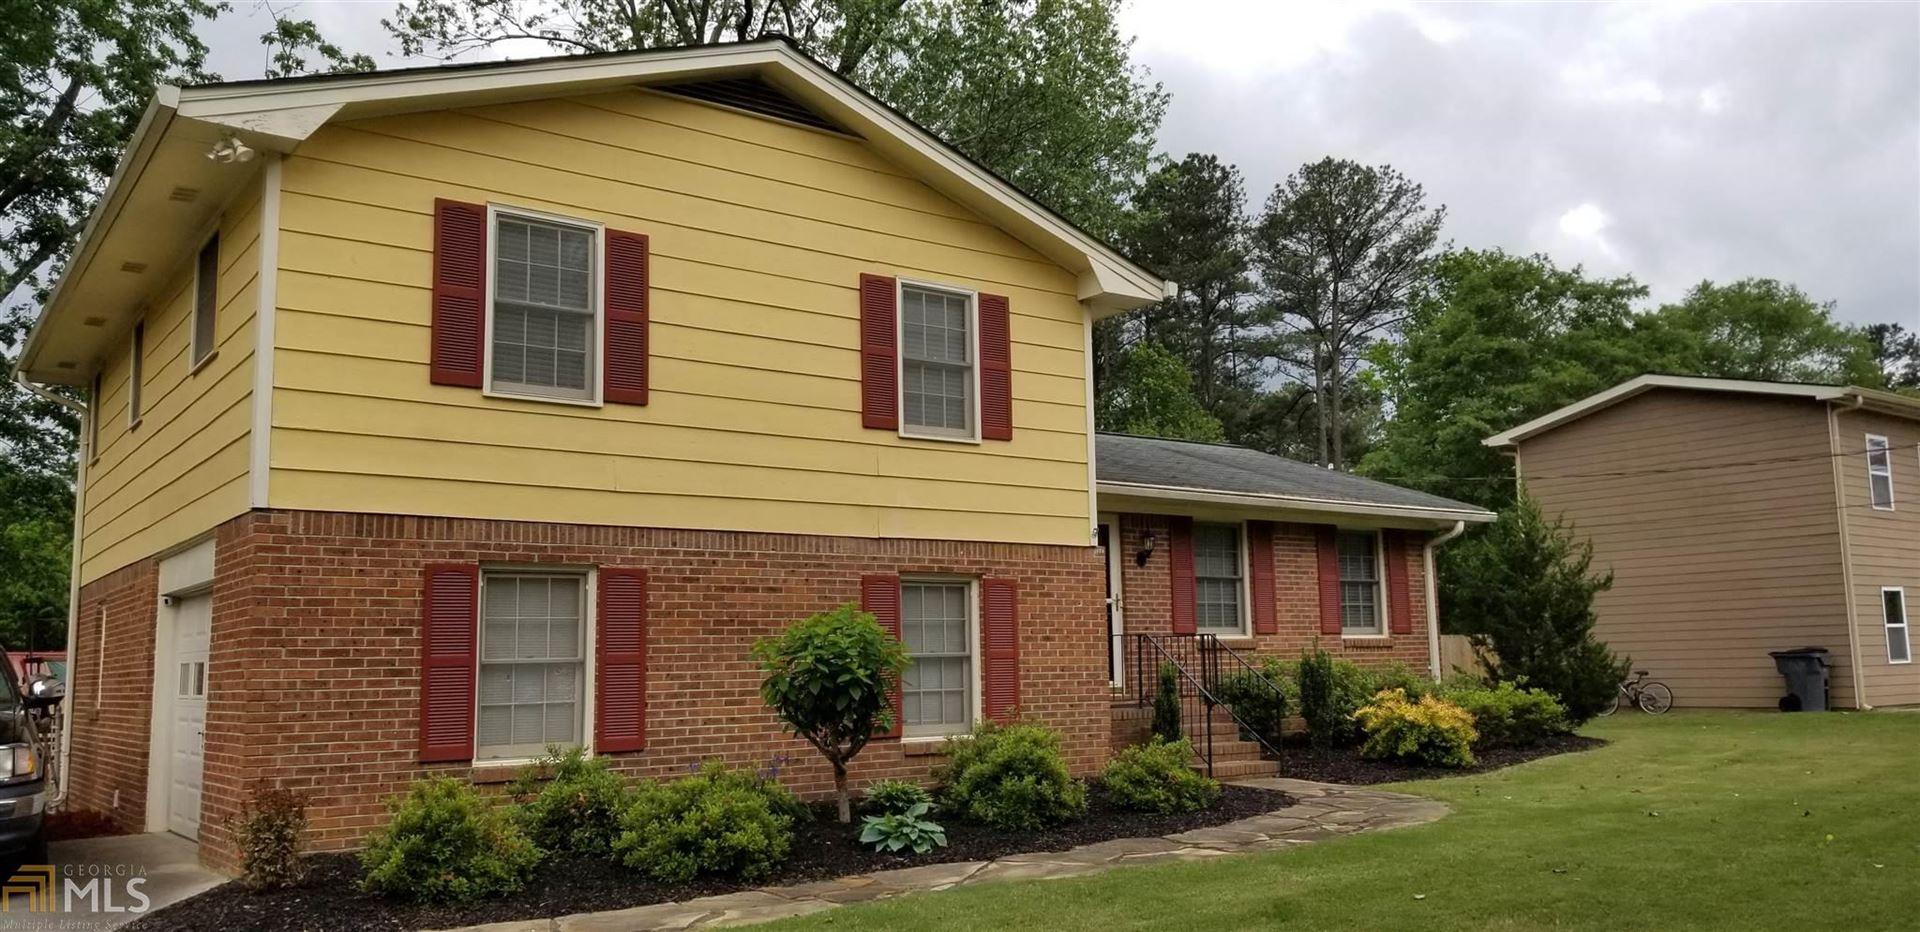 522 Plantation Dr, Lawrenceville, GA 30046 - #: 8778972